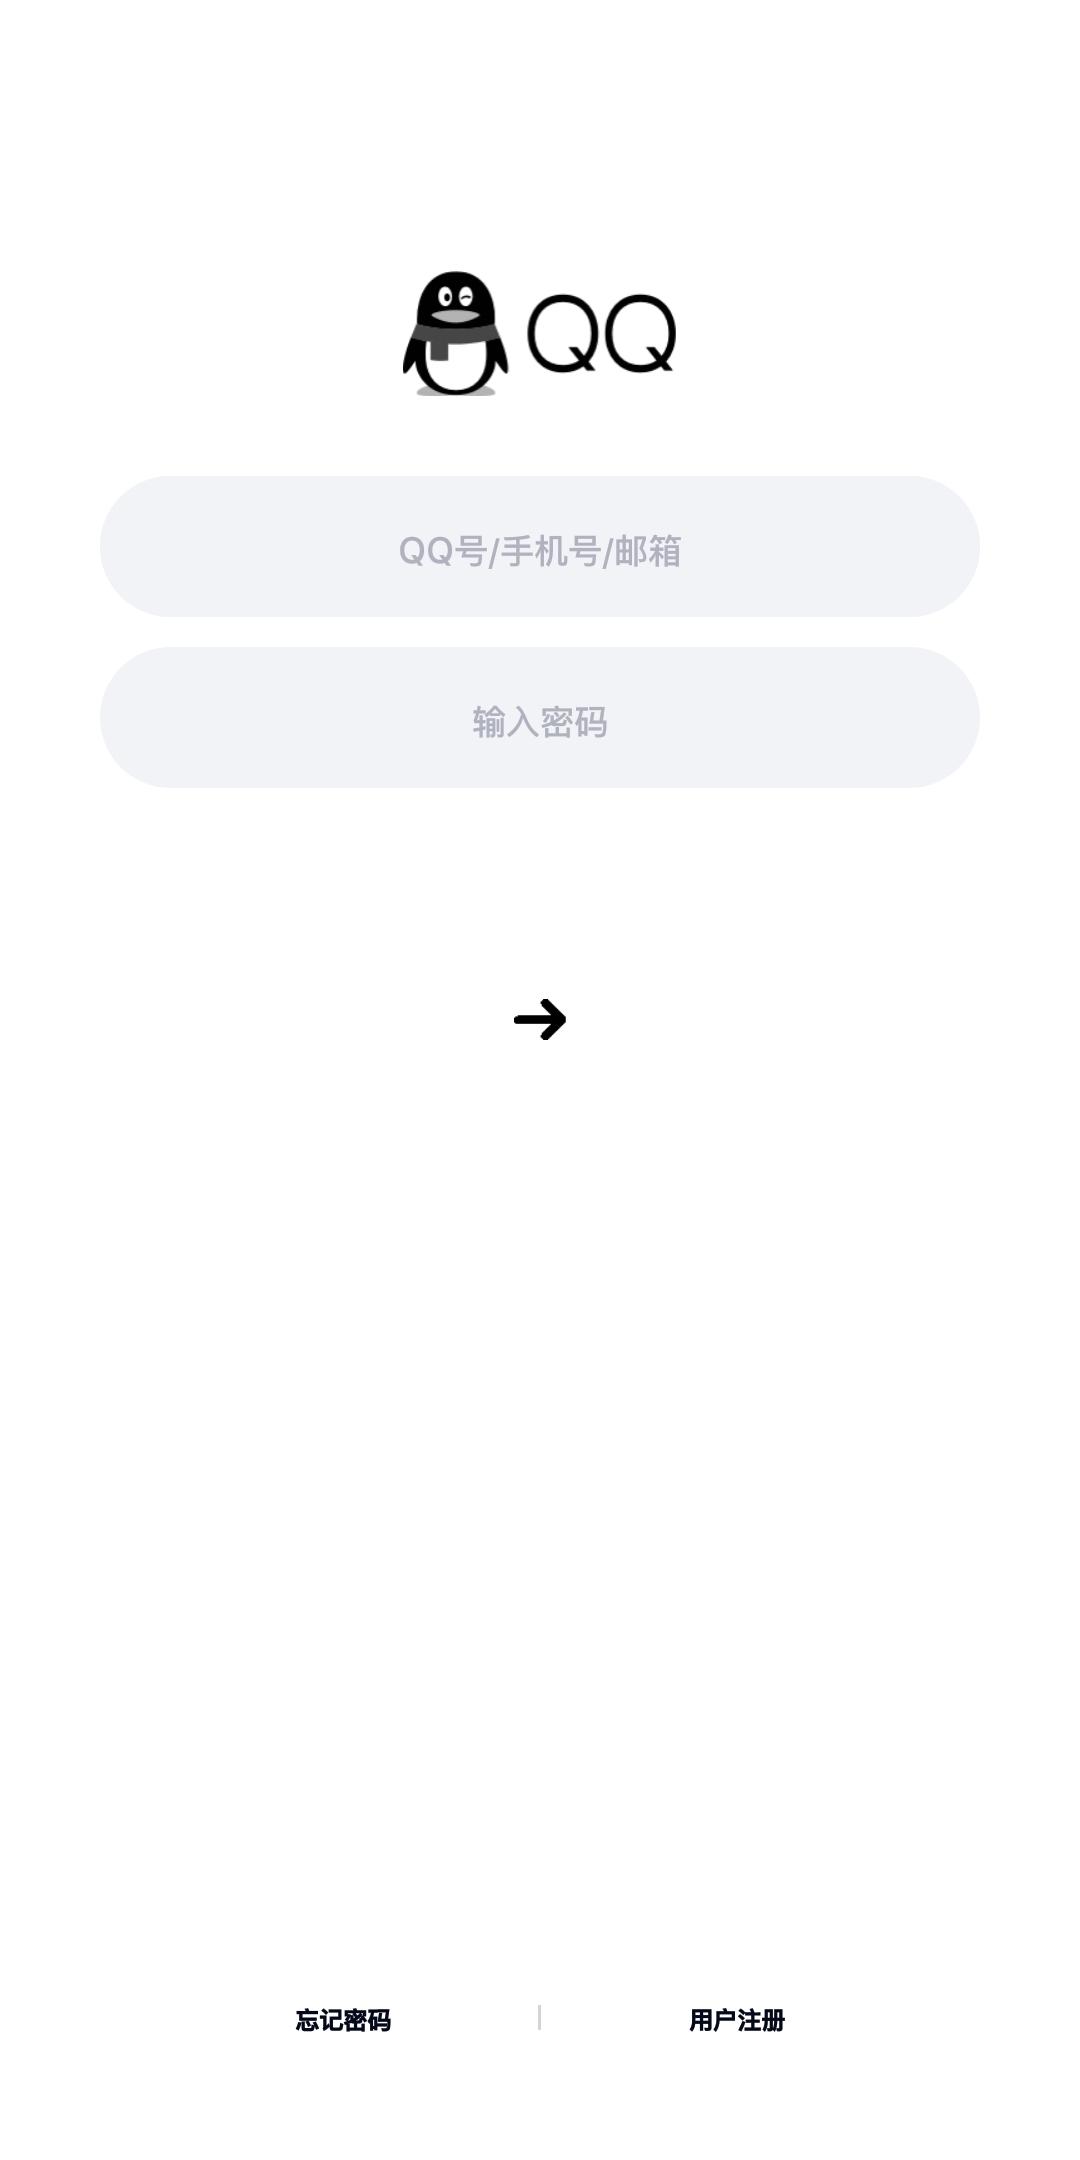 Screenshot_20200515-203302.jpg